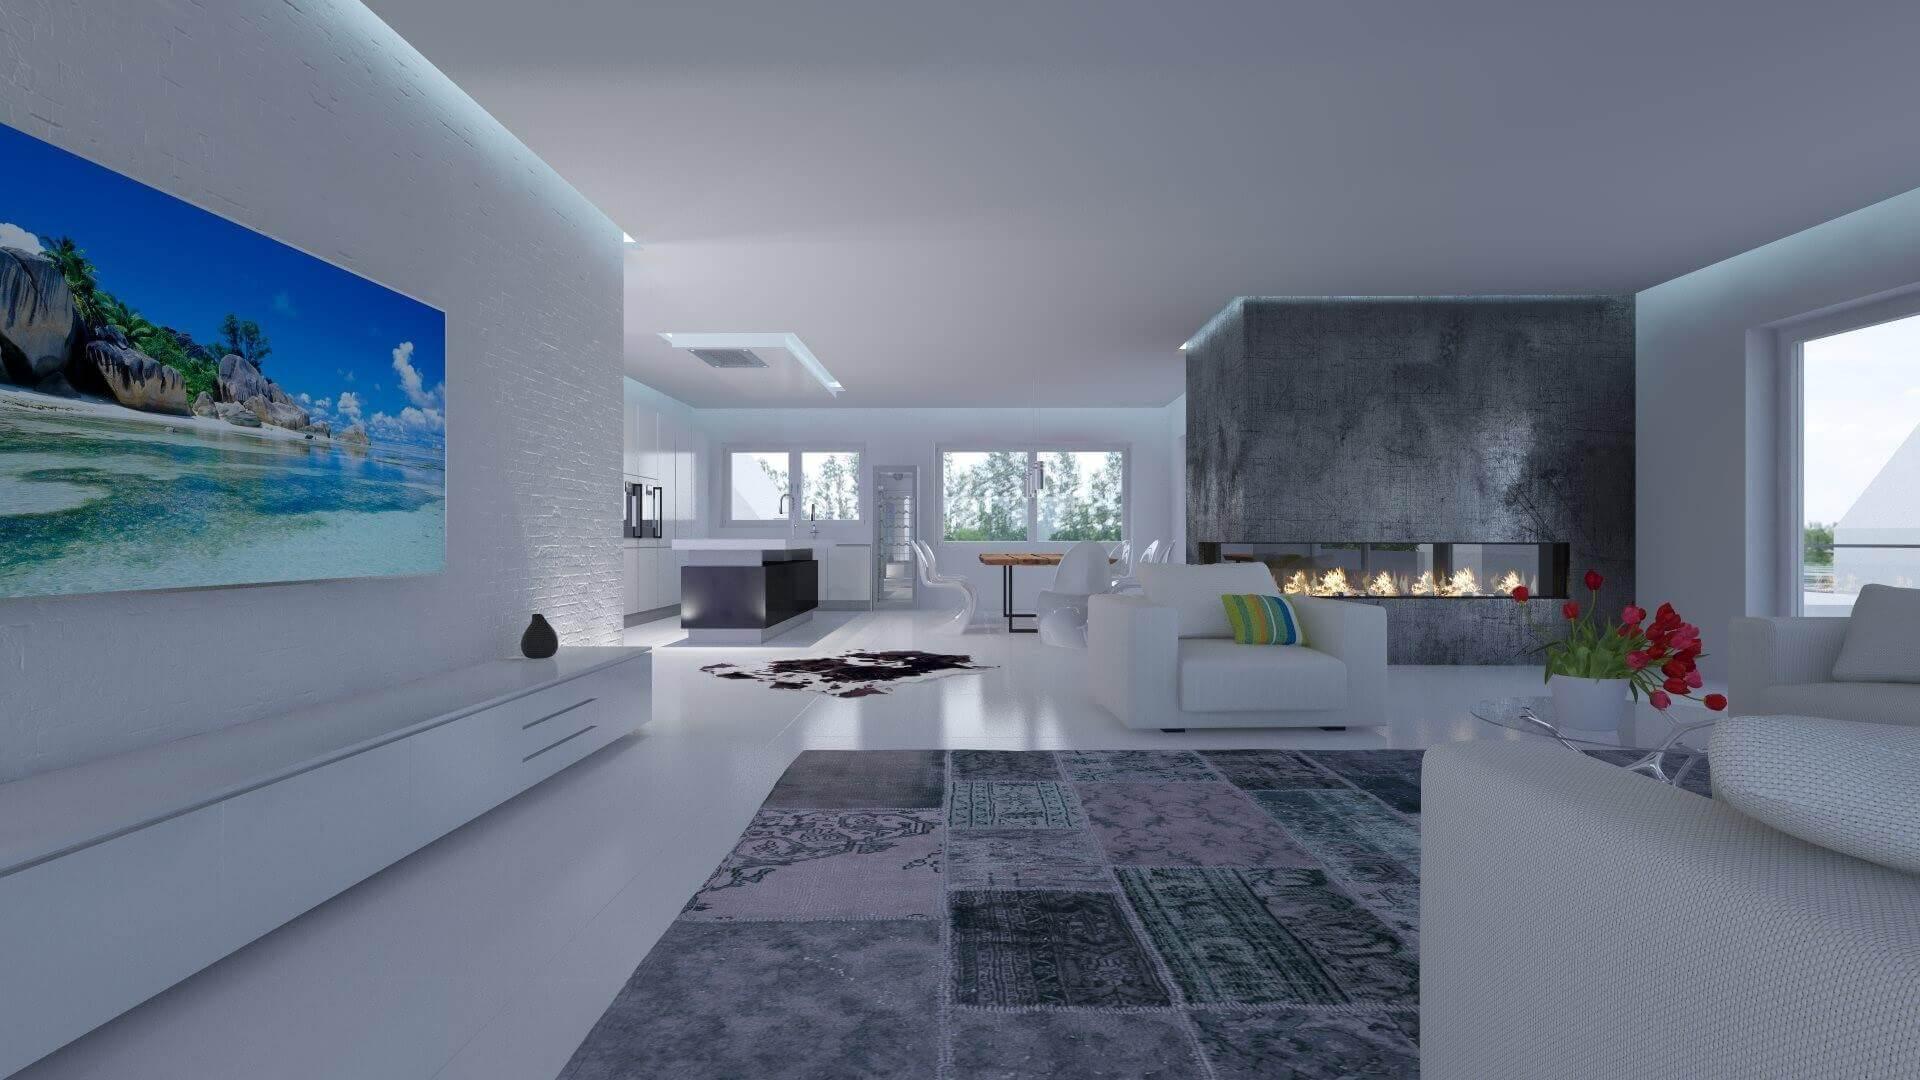 Innenarchitektur 3D VISUALISIERUNG Architekturvisualisierung Rendering 3D Artisten fotorealistische Bilder Torsten Mueller Bad Honnef Cologne